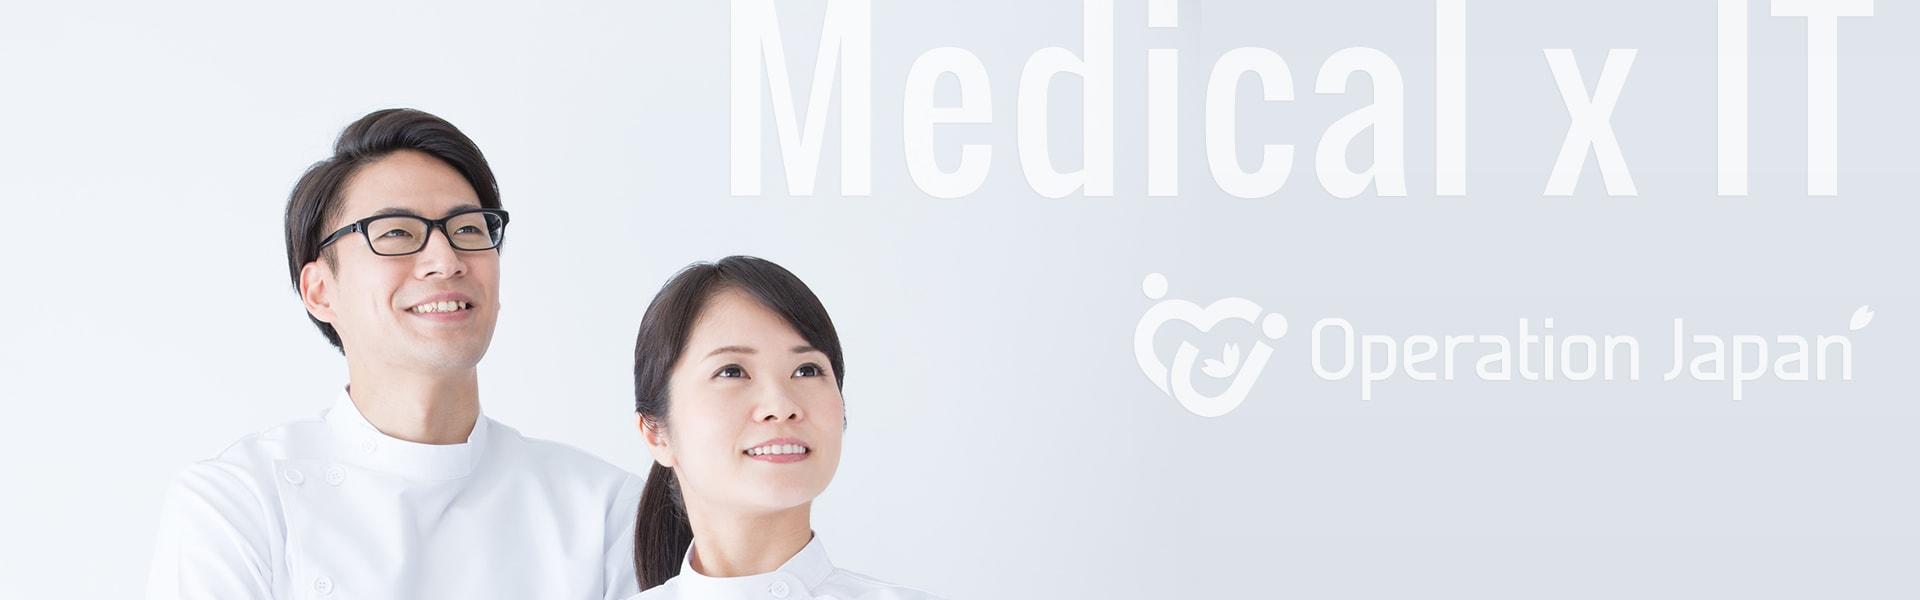 医療人スタッフの画像